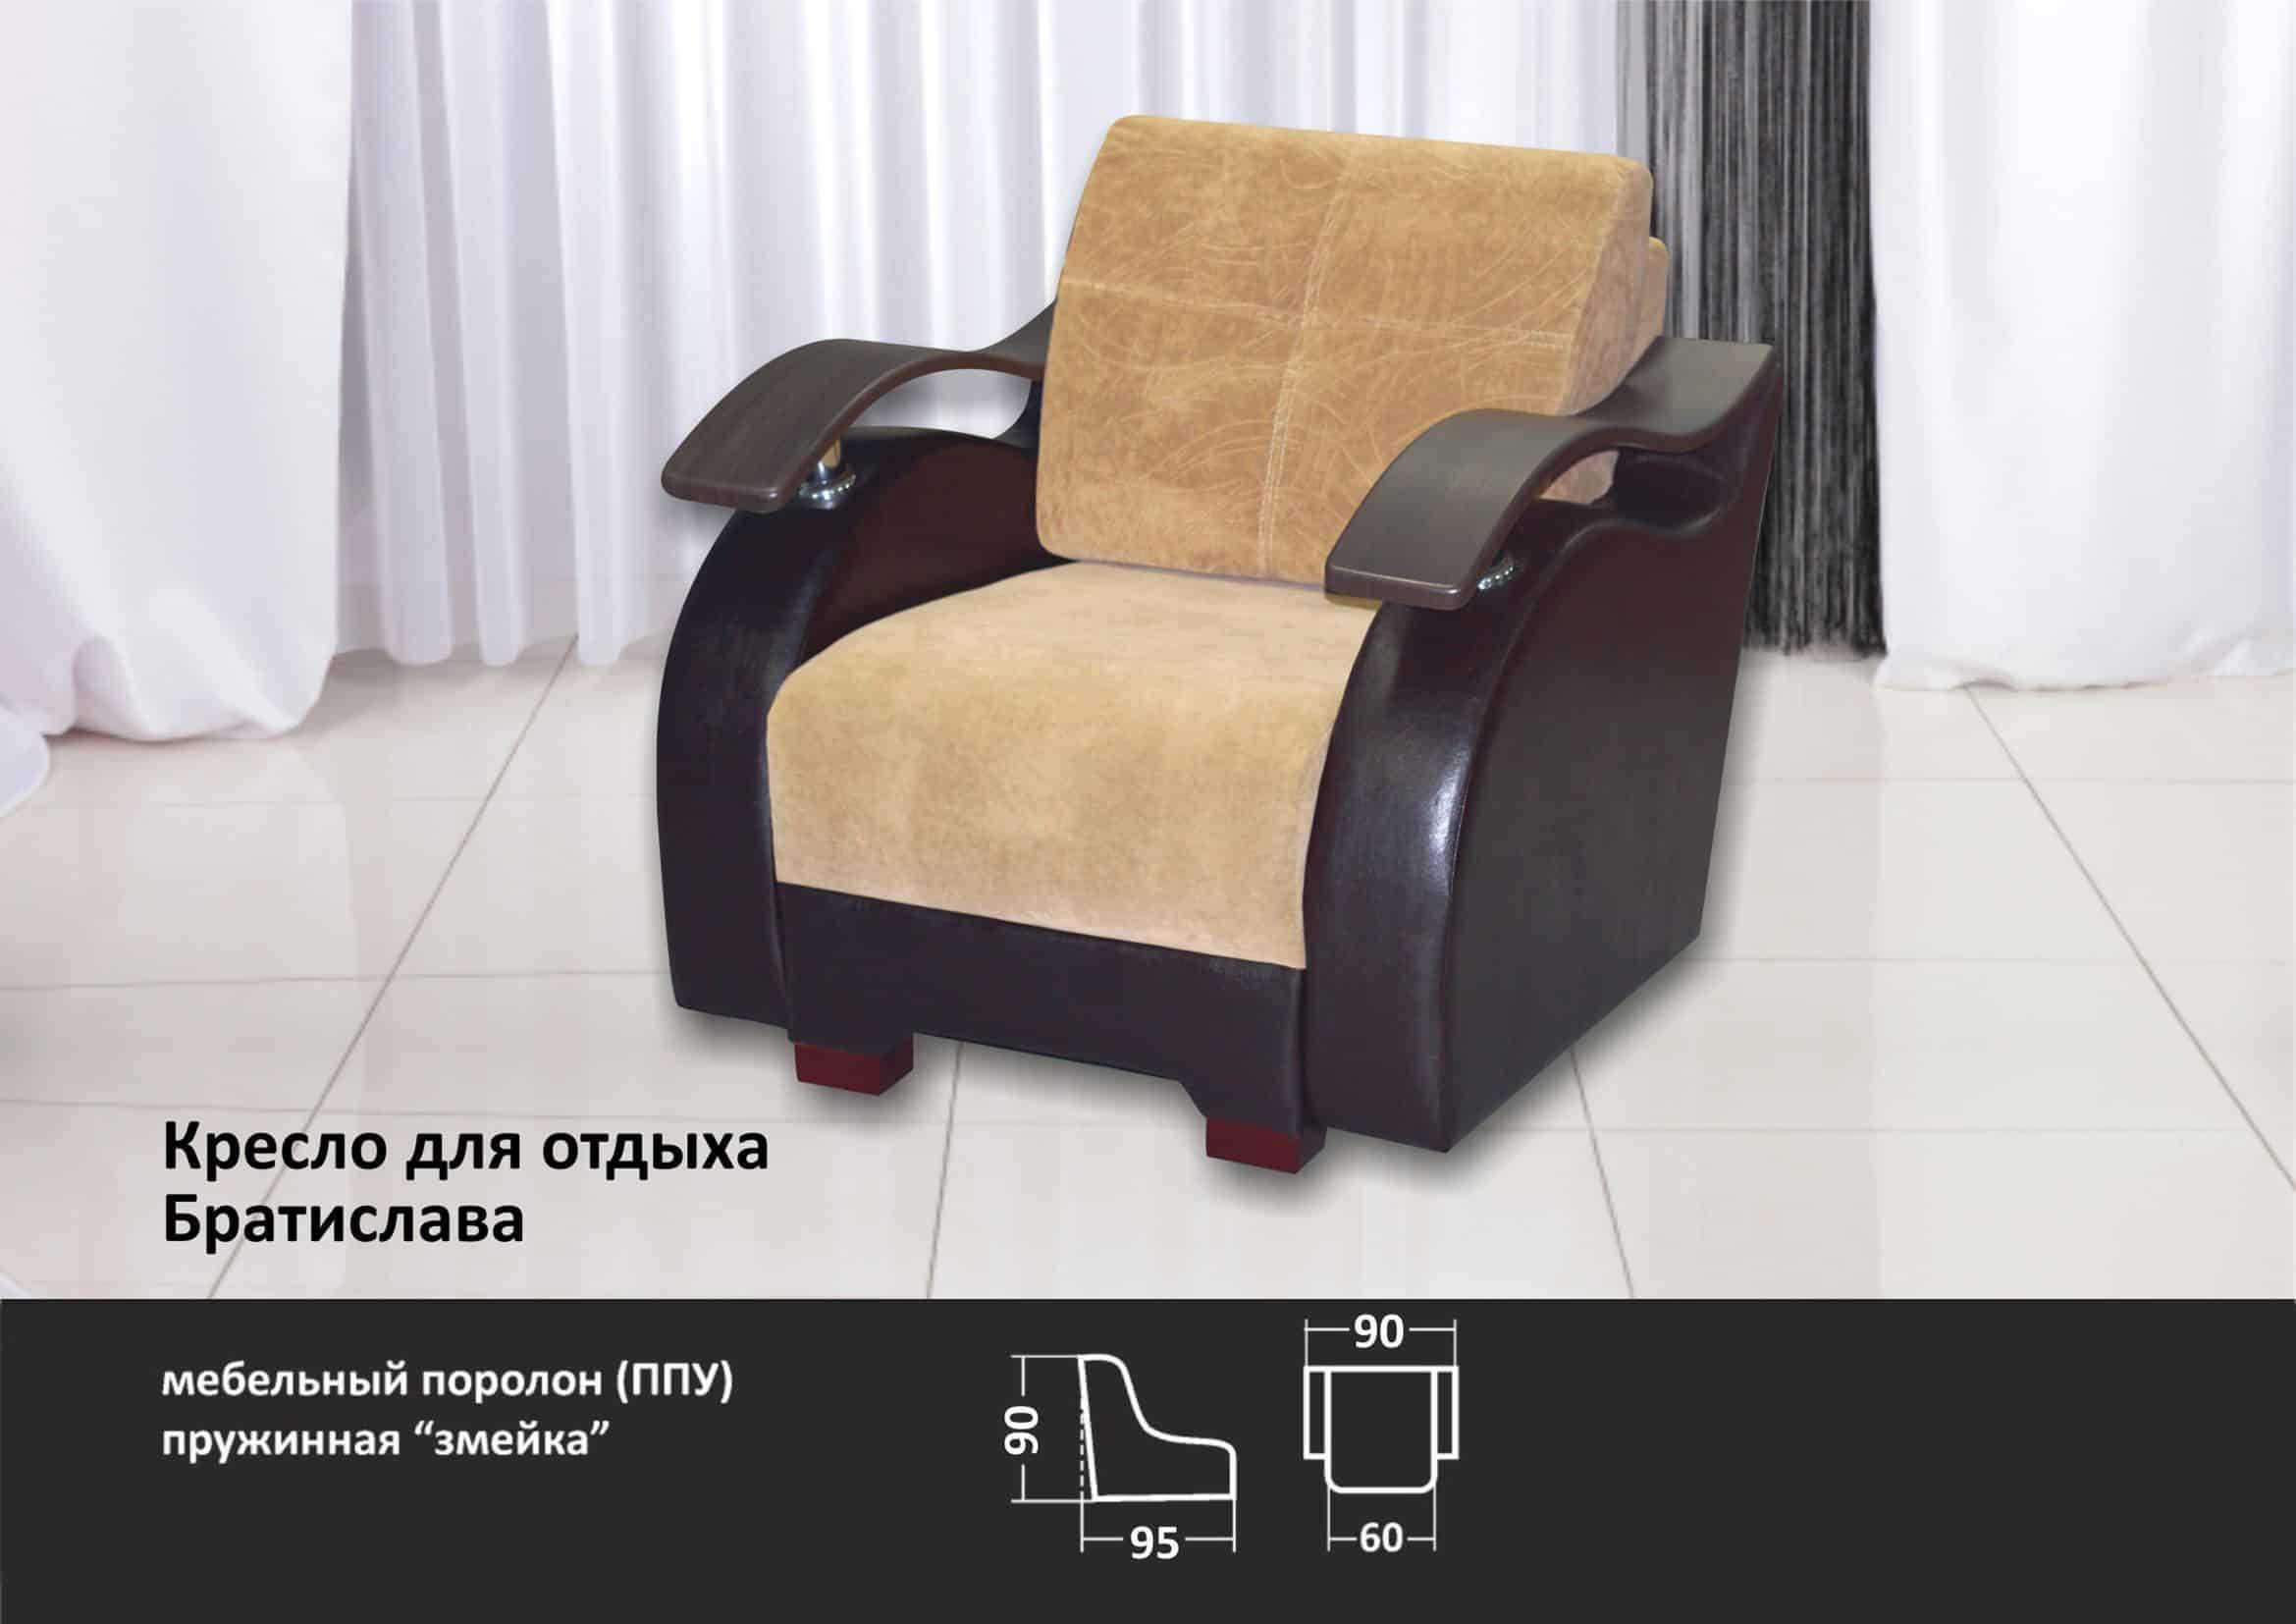 кресло Братислава